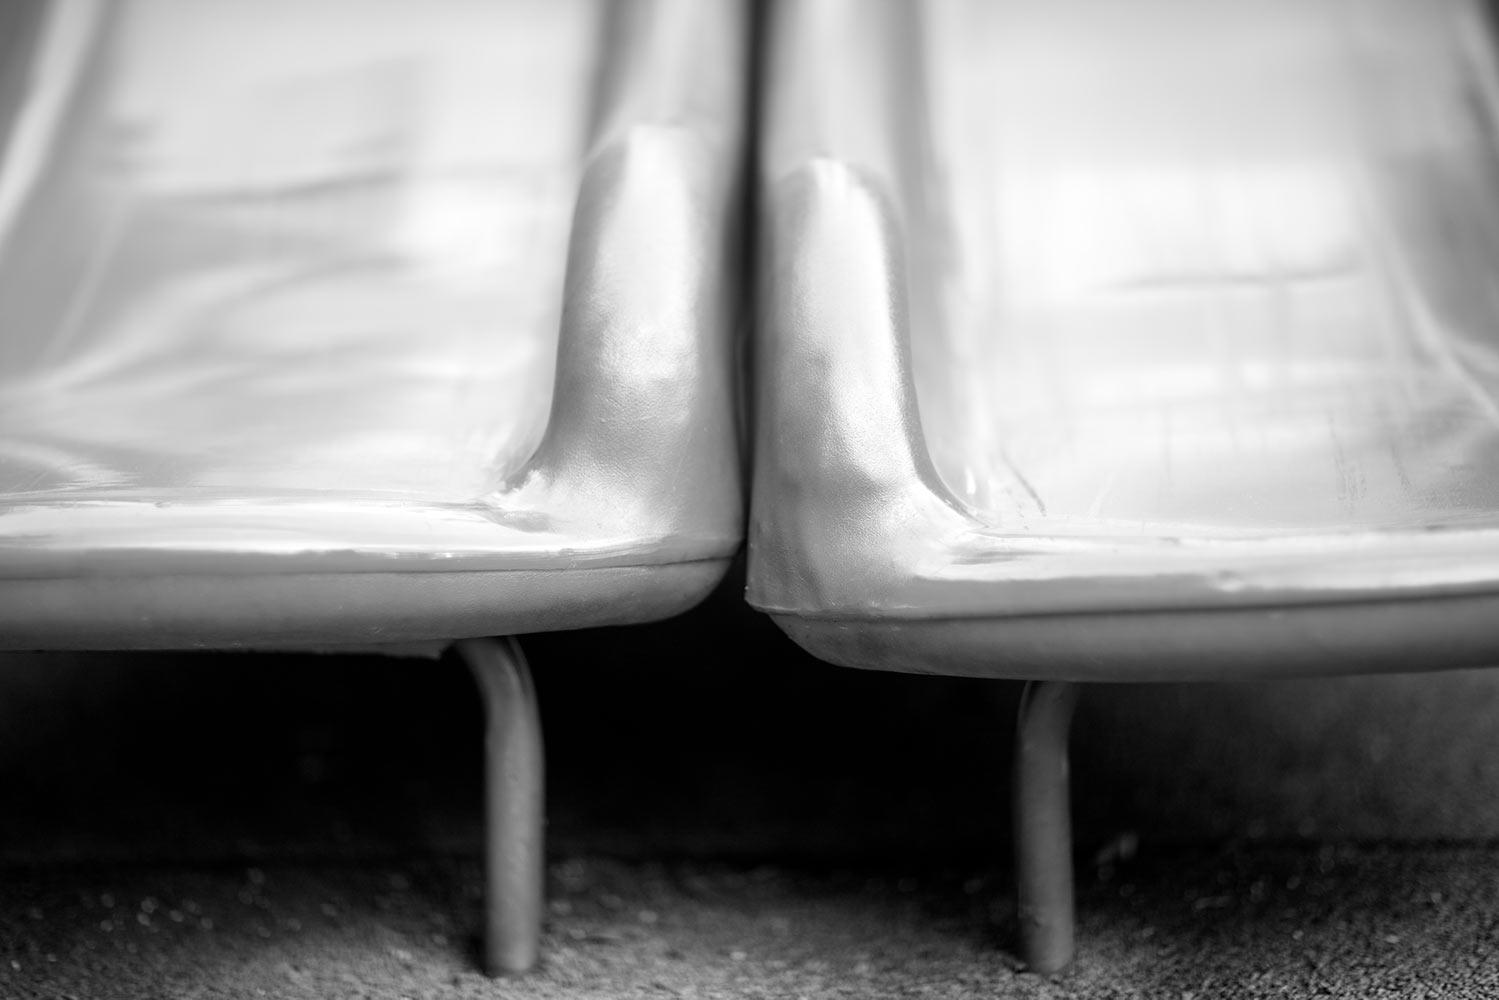 playground-twin-slides-ws-msl_8510.jpg